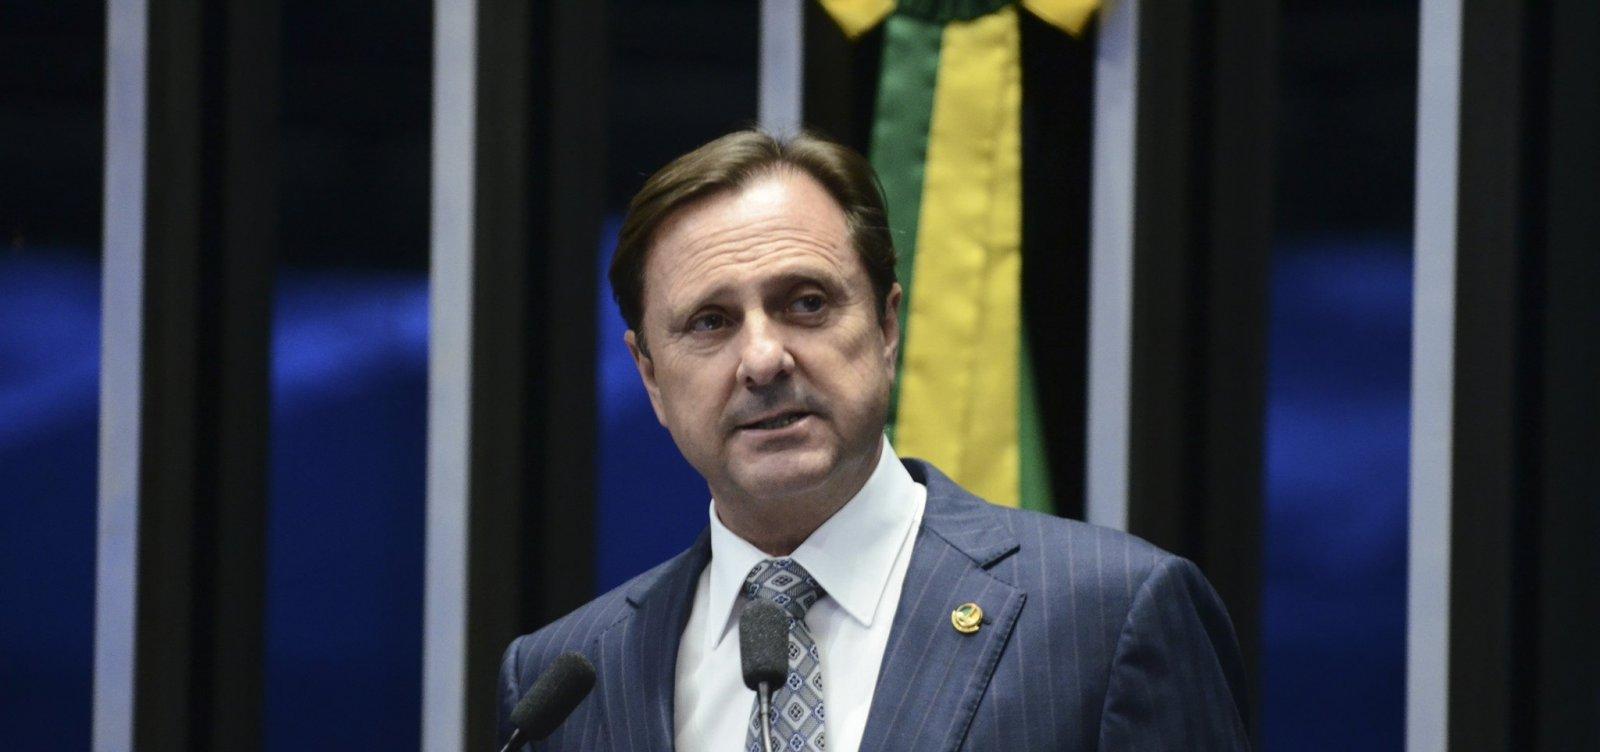 Senador Acir Gurgacz se entrega à Polícia Federal